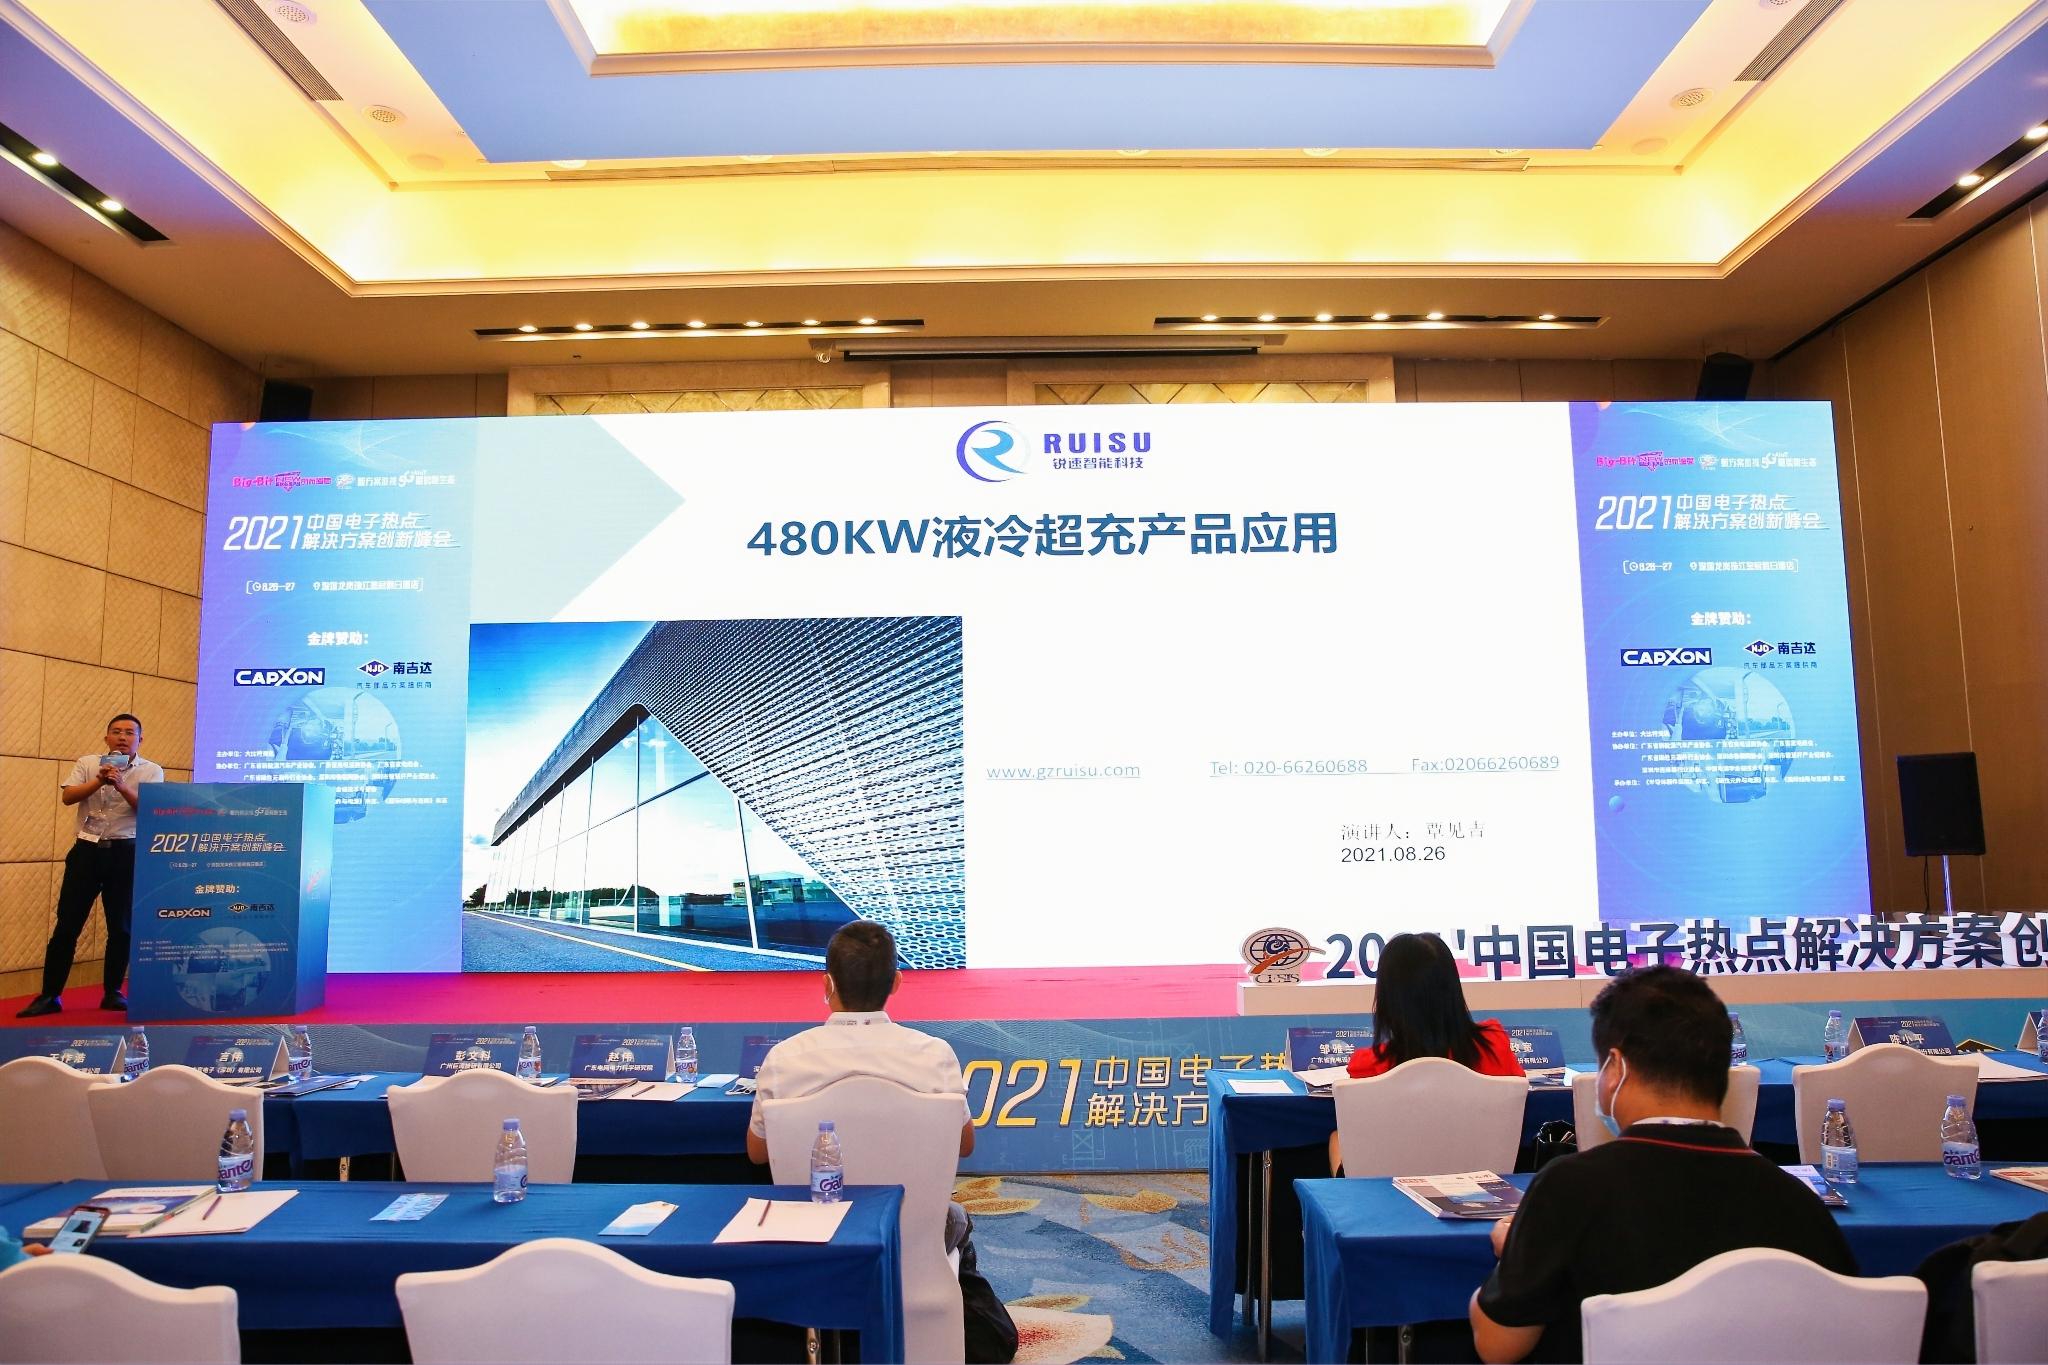 480KW大功率液冷超充产品应用